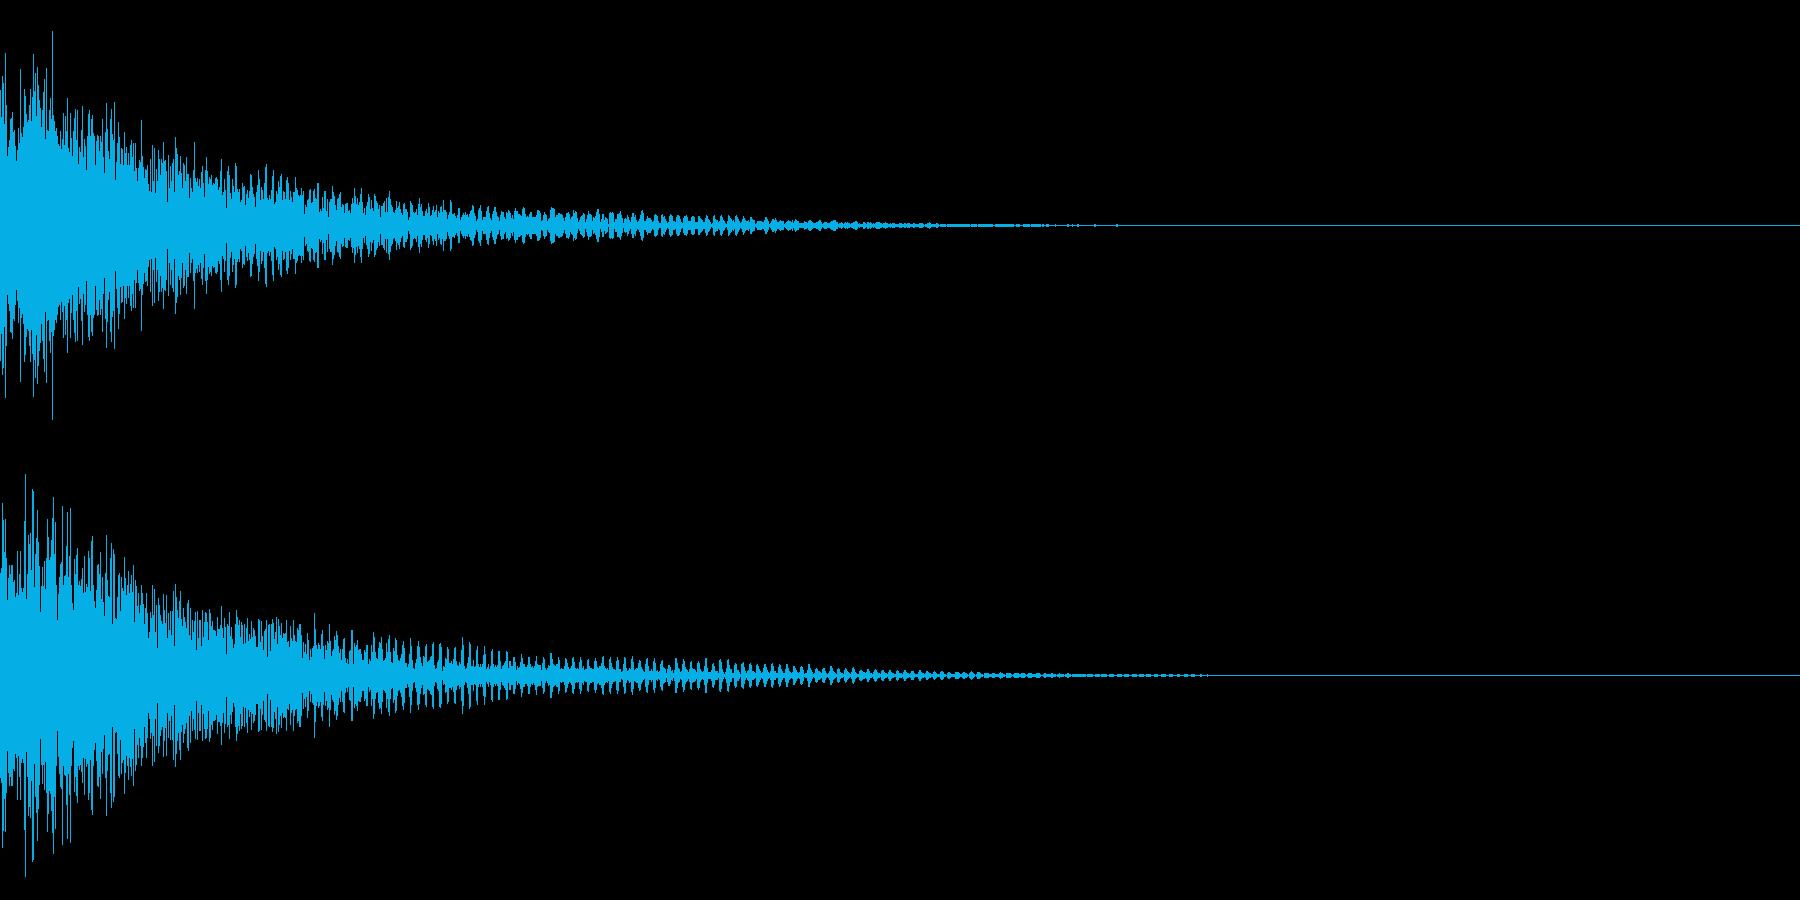 ジャン/クイズ/出題/ヒットの再生済みの波形